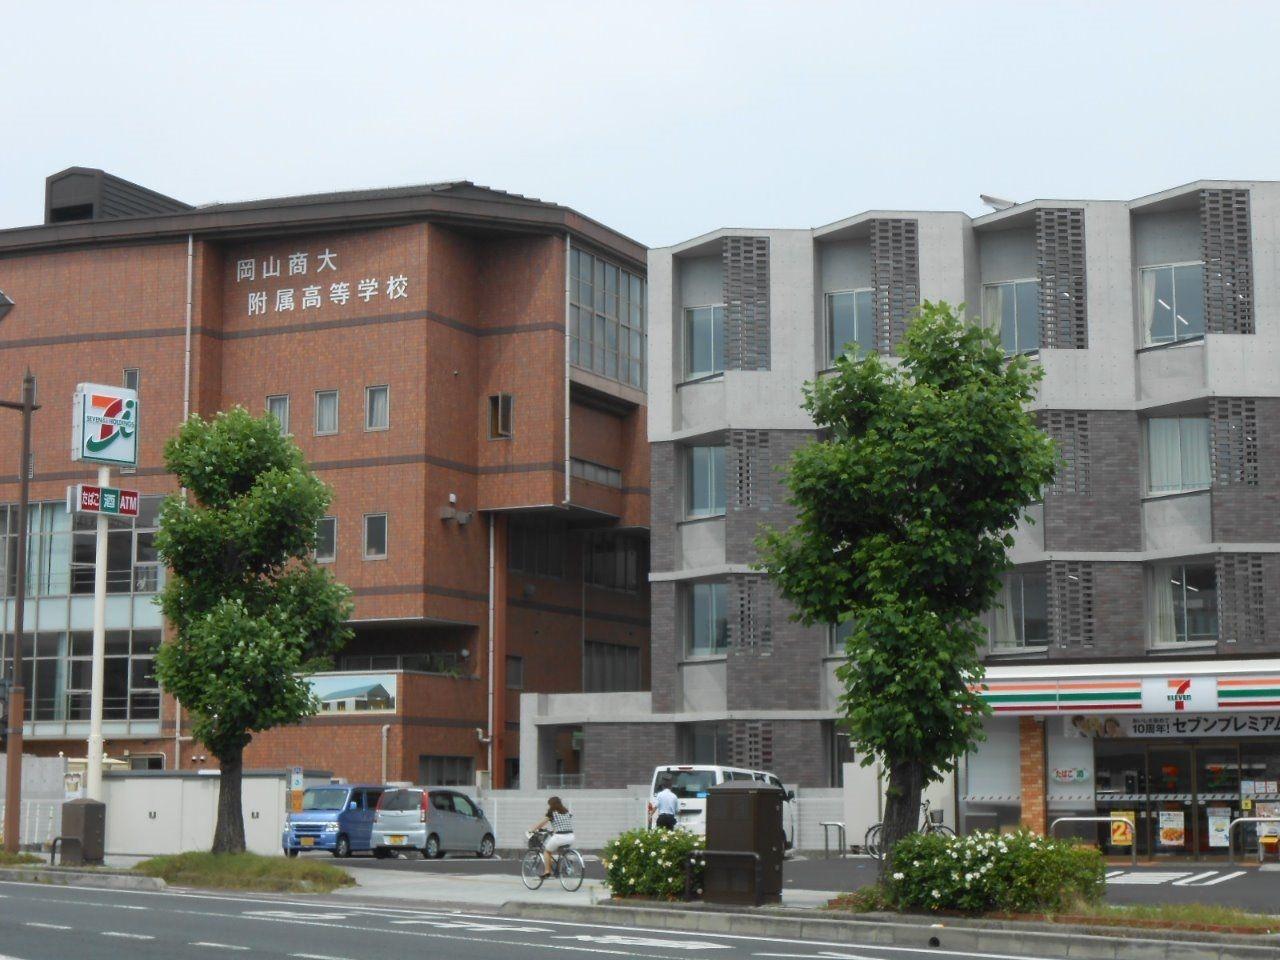 岡山 商科 大学 附属 高等 学校 スケジュール - 岡山商科大学附属高等学校